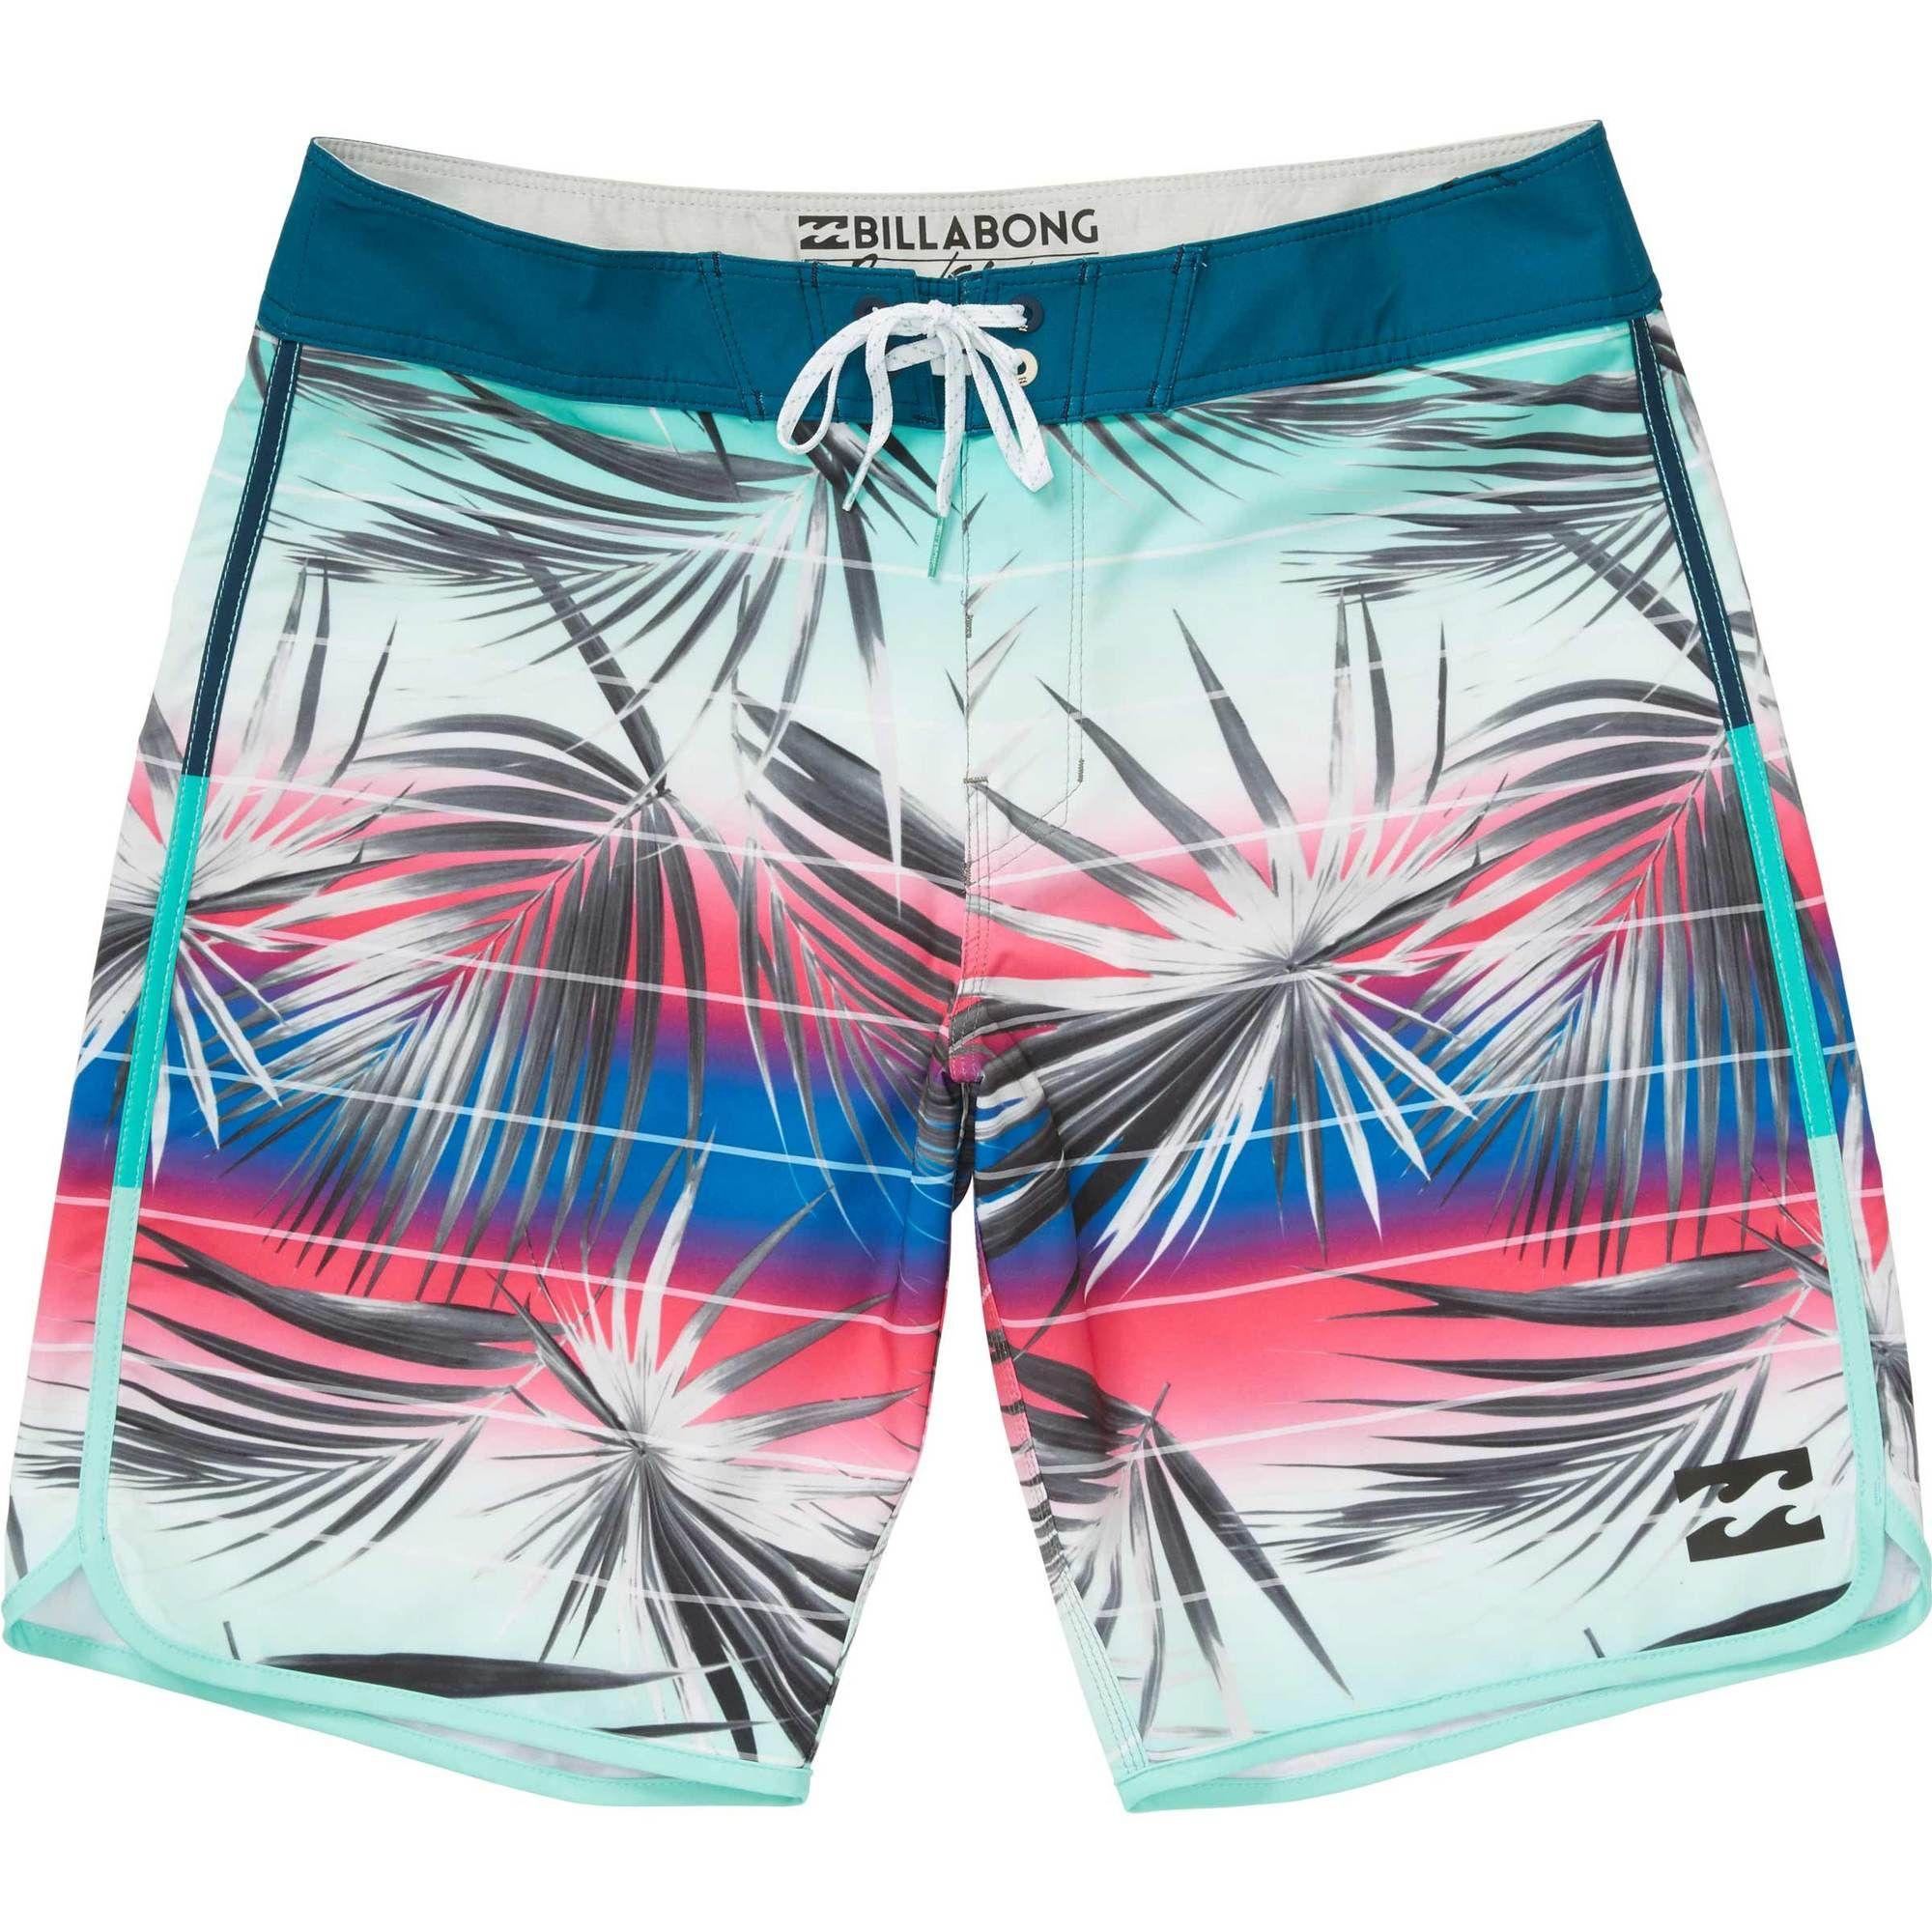 Tribong X Scallop Boardshorts | Billabong US | Board shorts, Mens  boardshorts, Boardshorts billabong